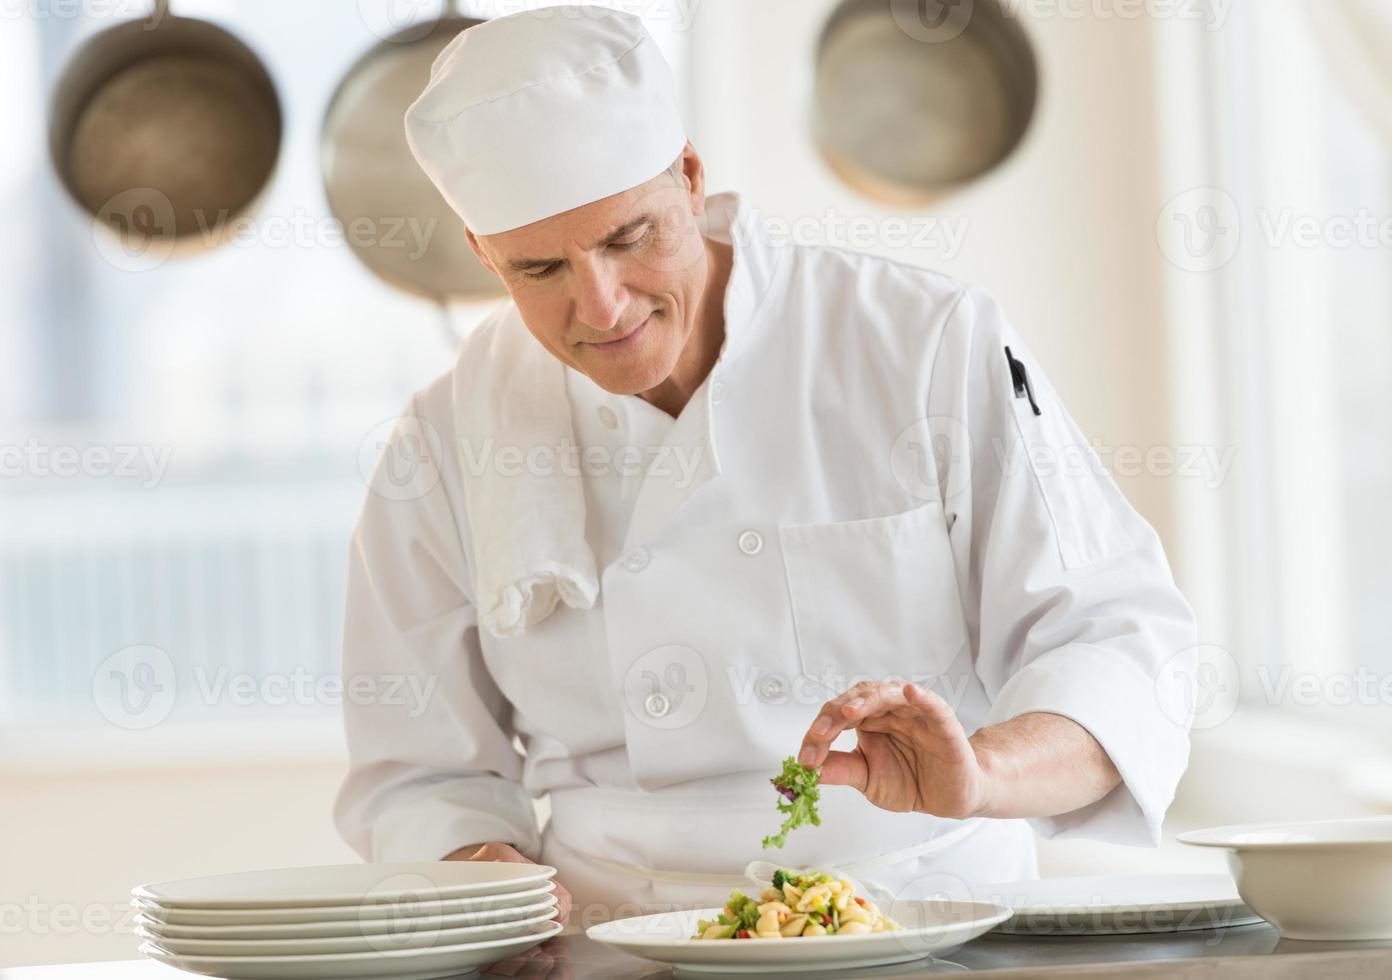 chef-kok garnituur schotel in commerciële keuken foto